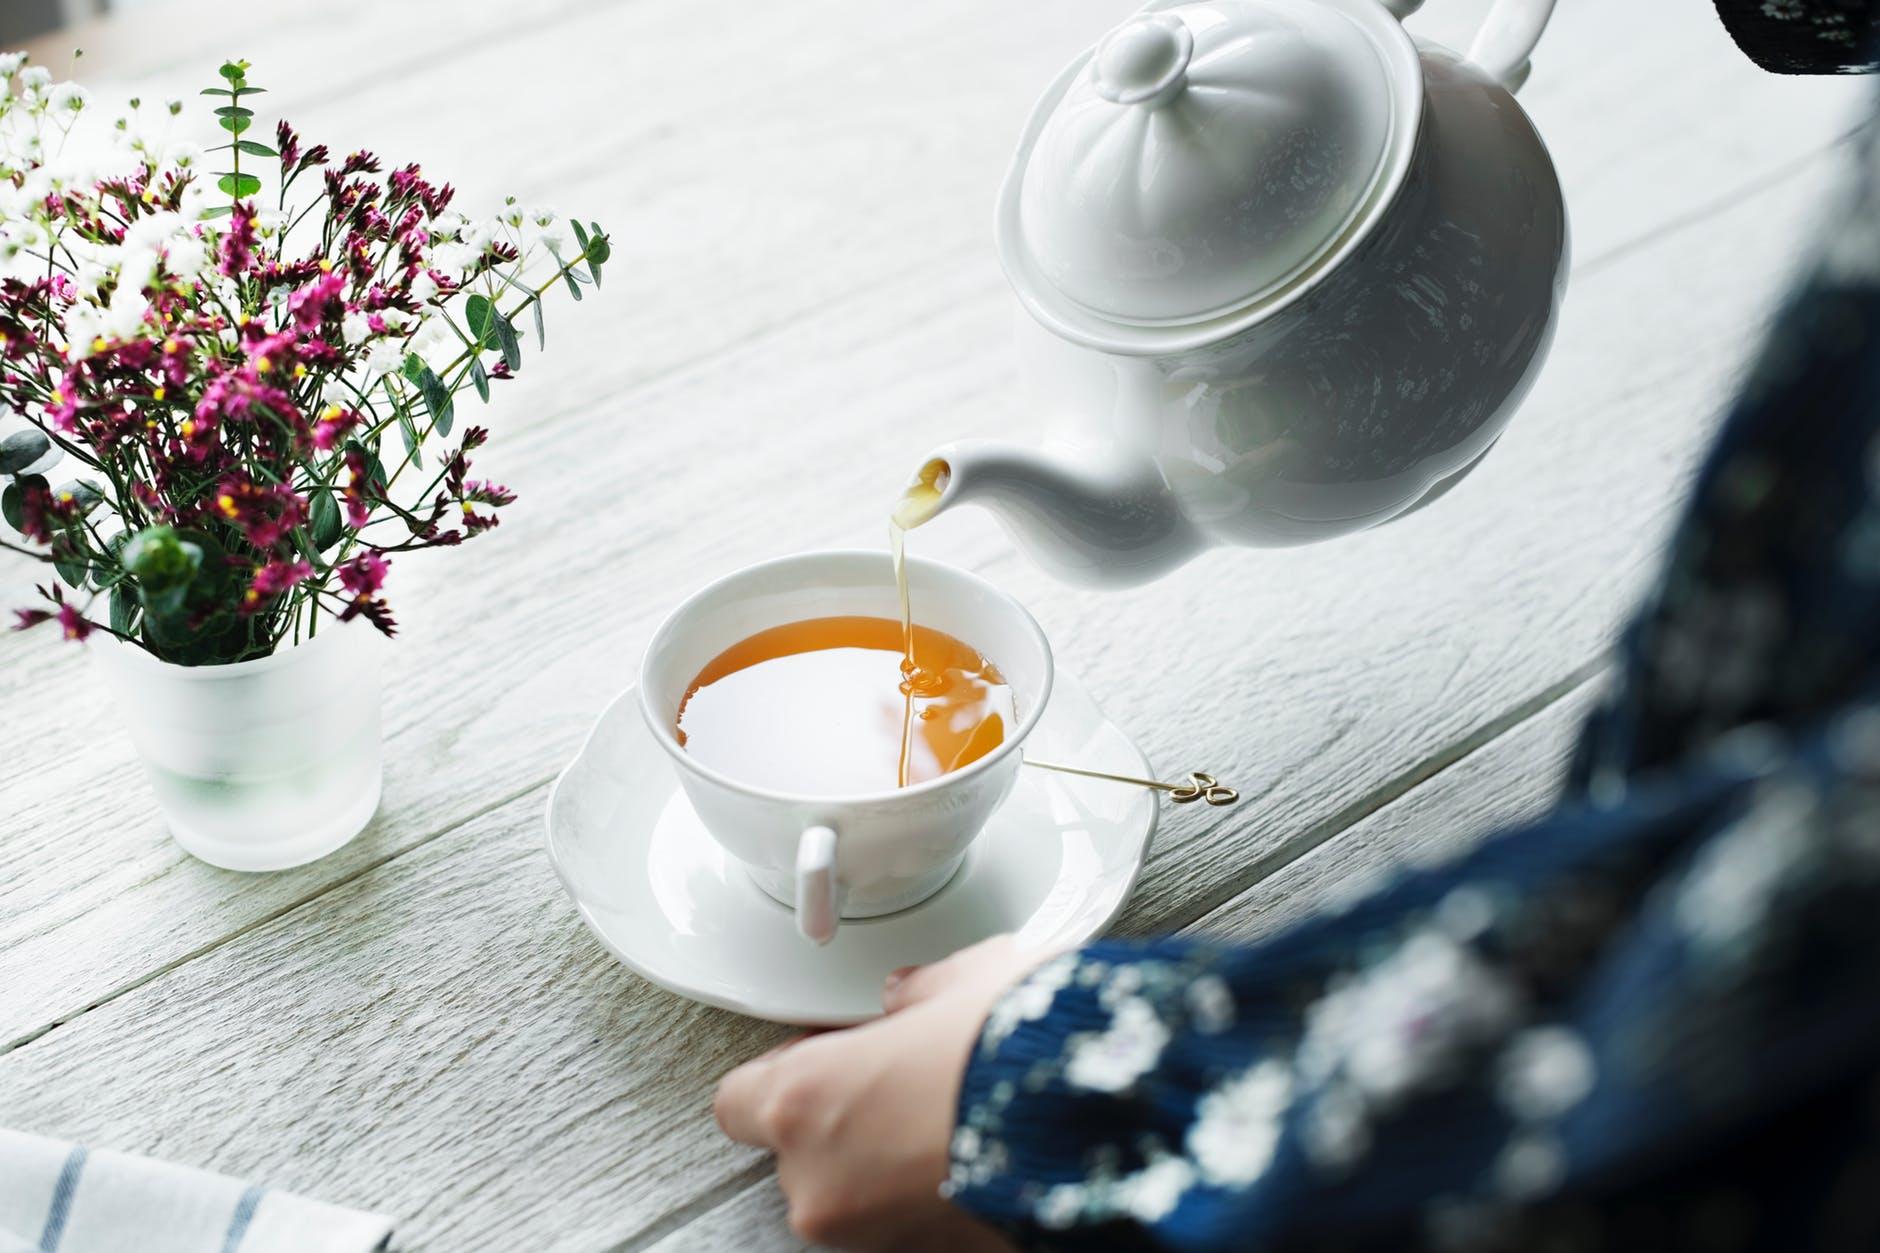 【蔡順山專欄】五種常見花茶 喝什麼好呢?